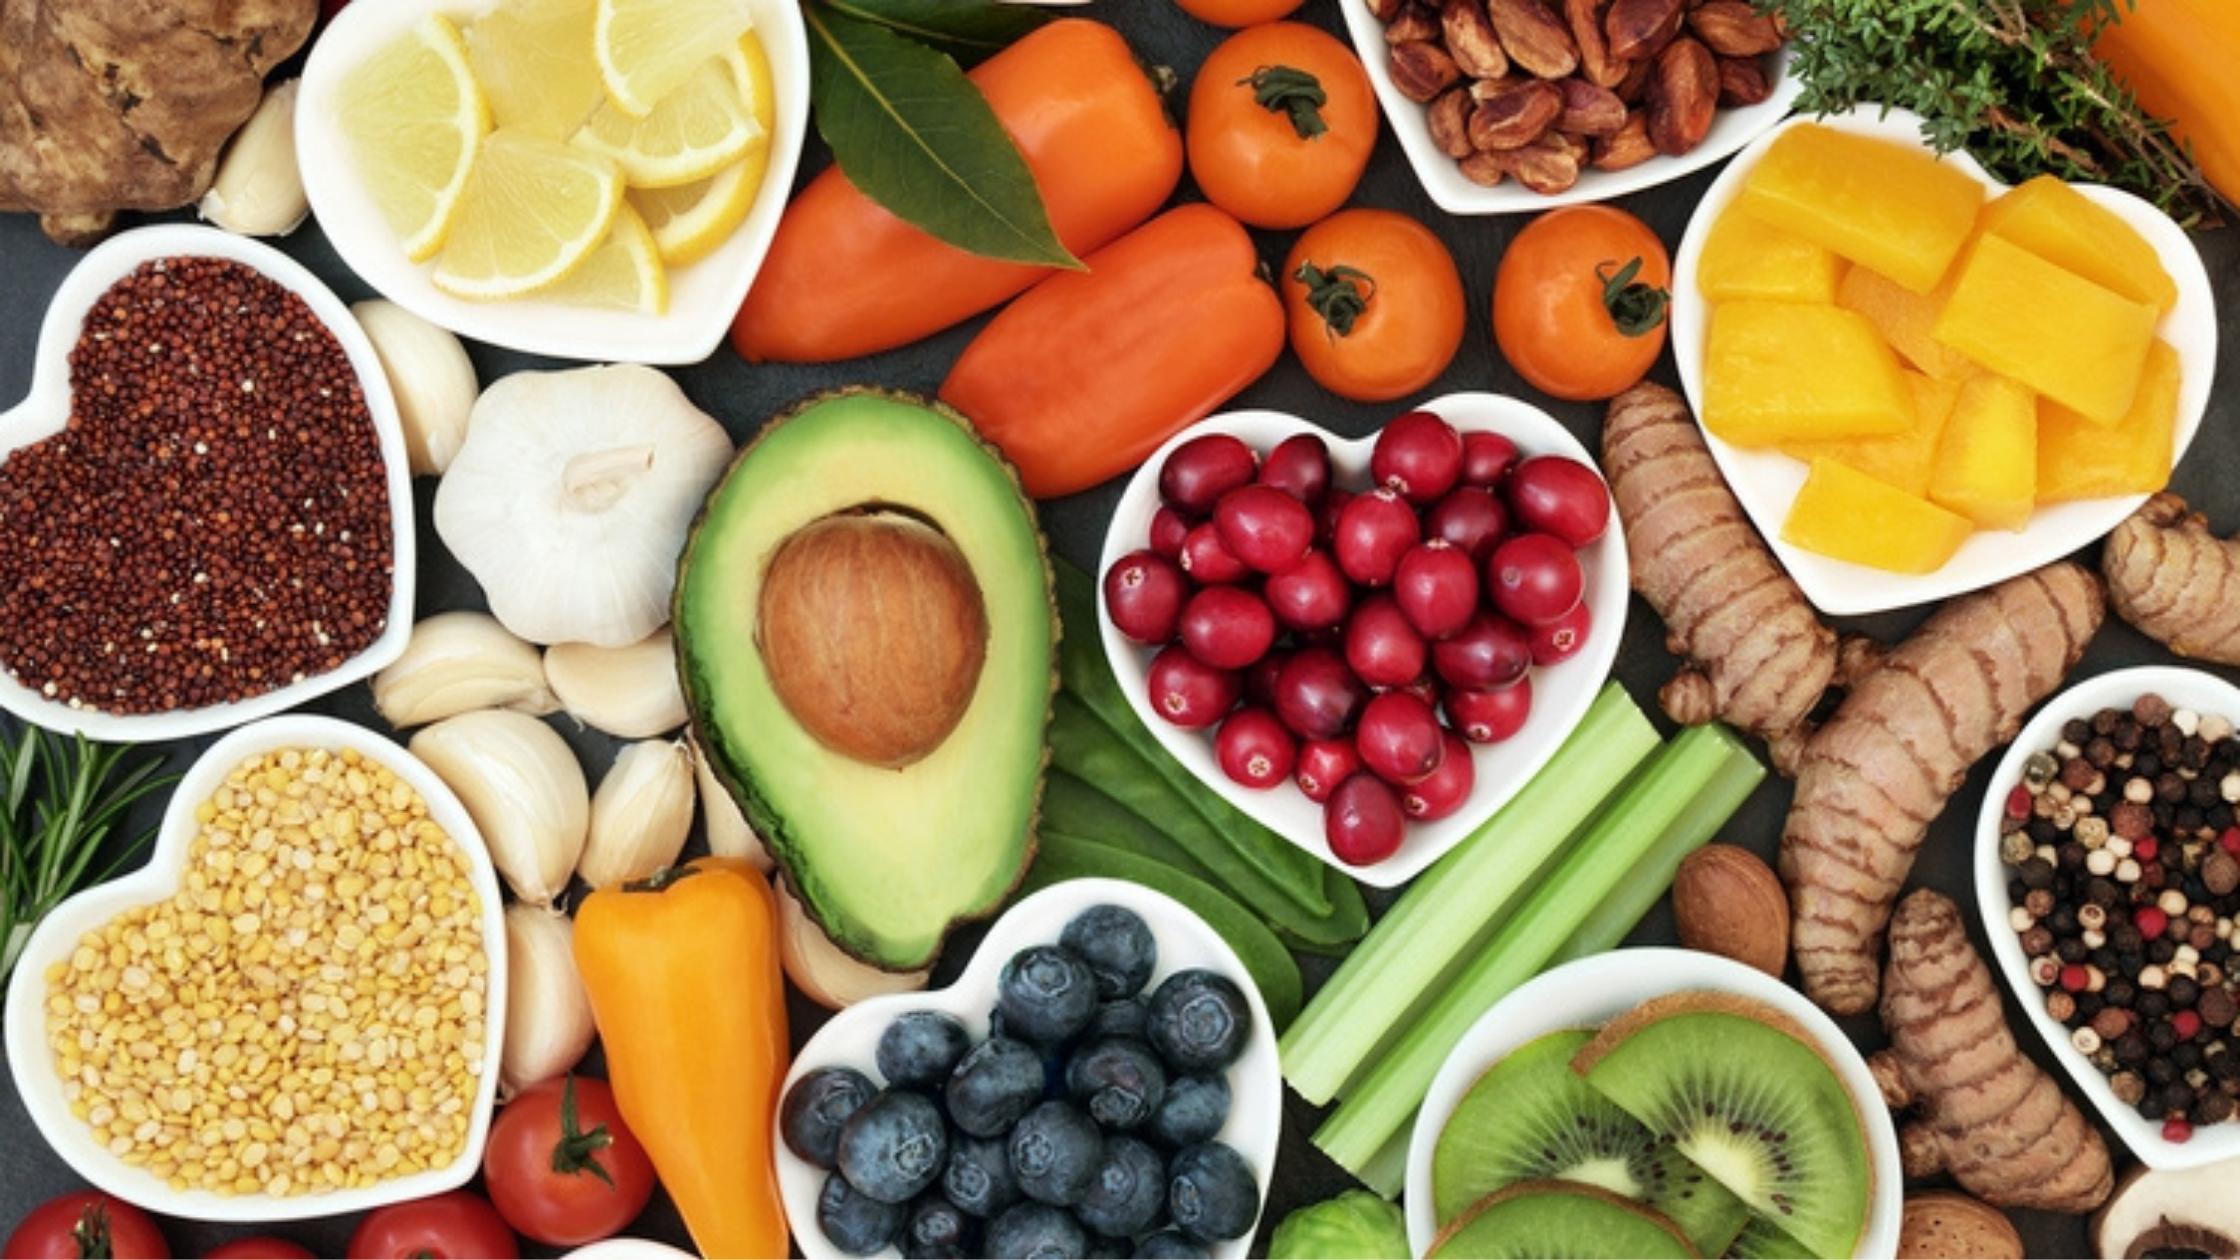 Métodos de desinfección y cuidado de frutas y verduras